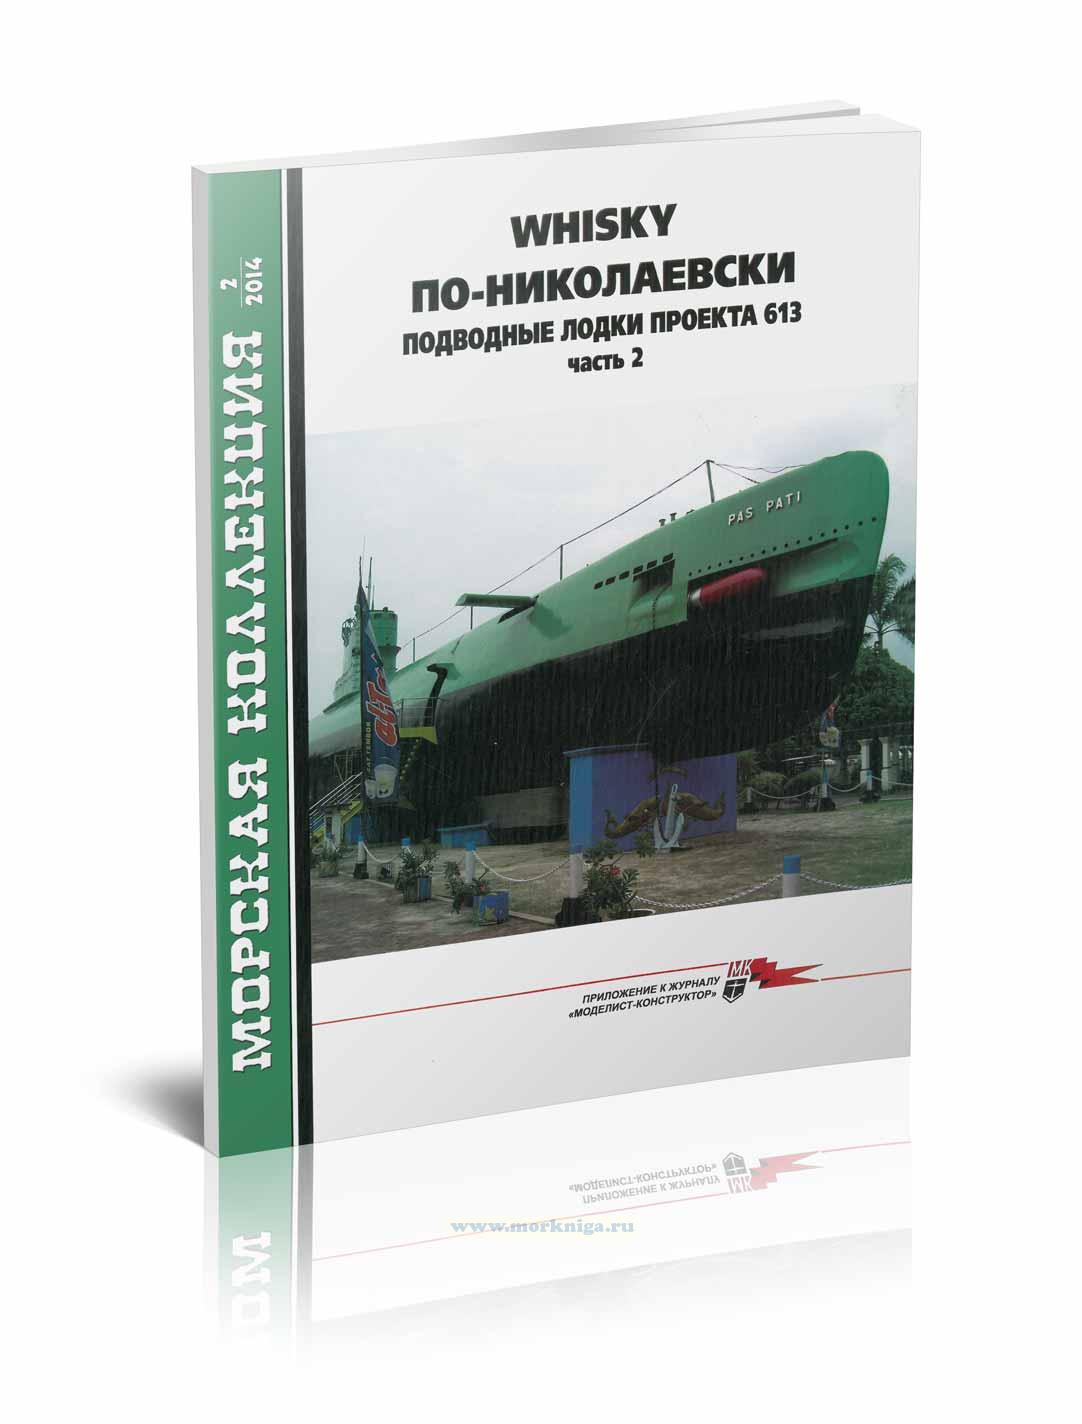 WISKY по-Николаевски. Подводные лодки проекта 613. Часть 2. Морская коллекция №2 (2014)